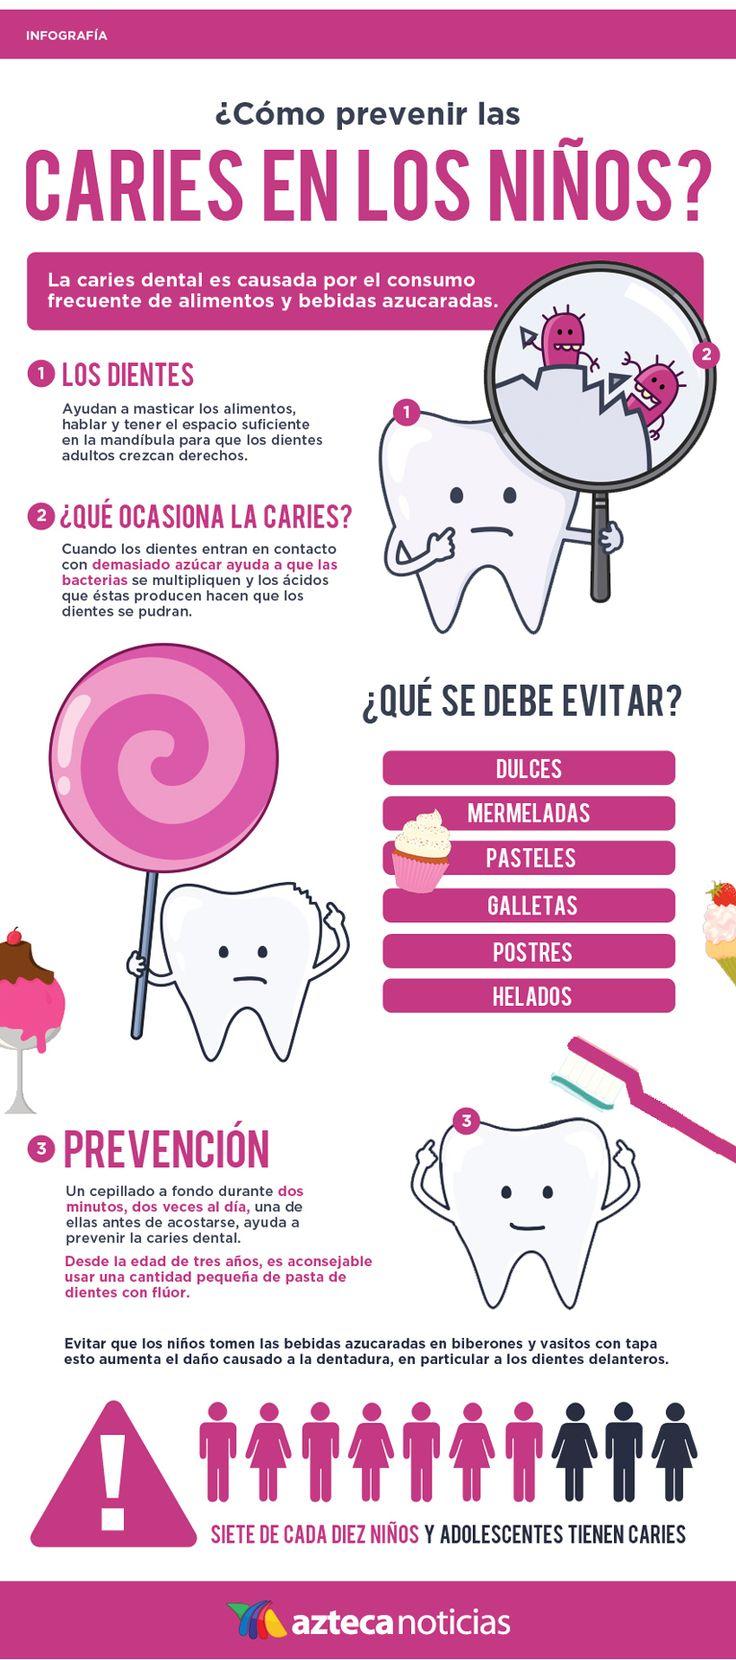 ¿Cómo prevenir las caries en los niños? #infografia